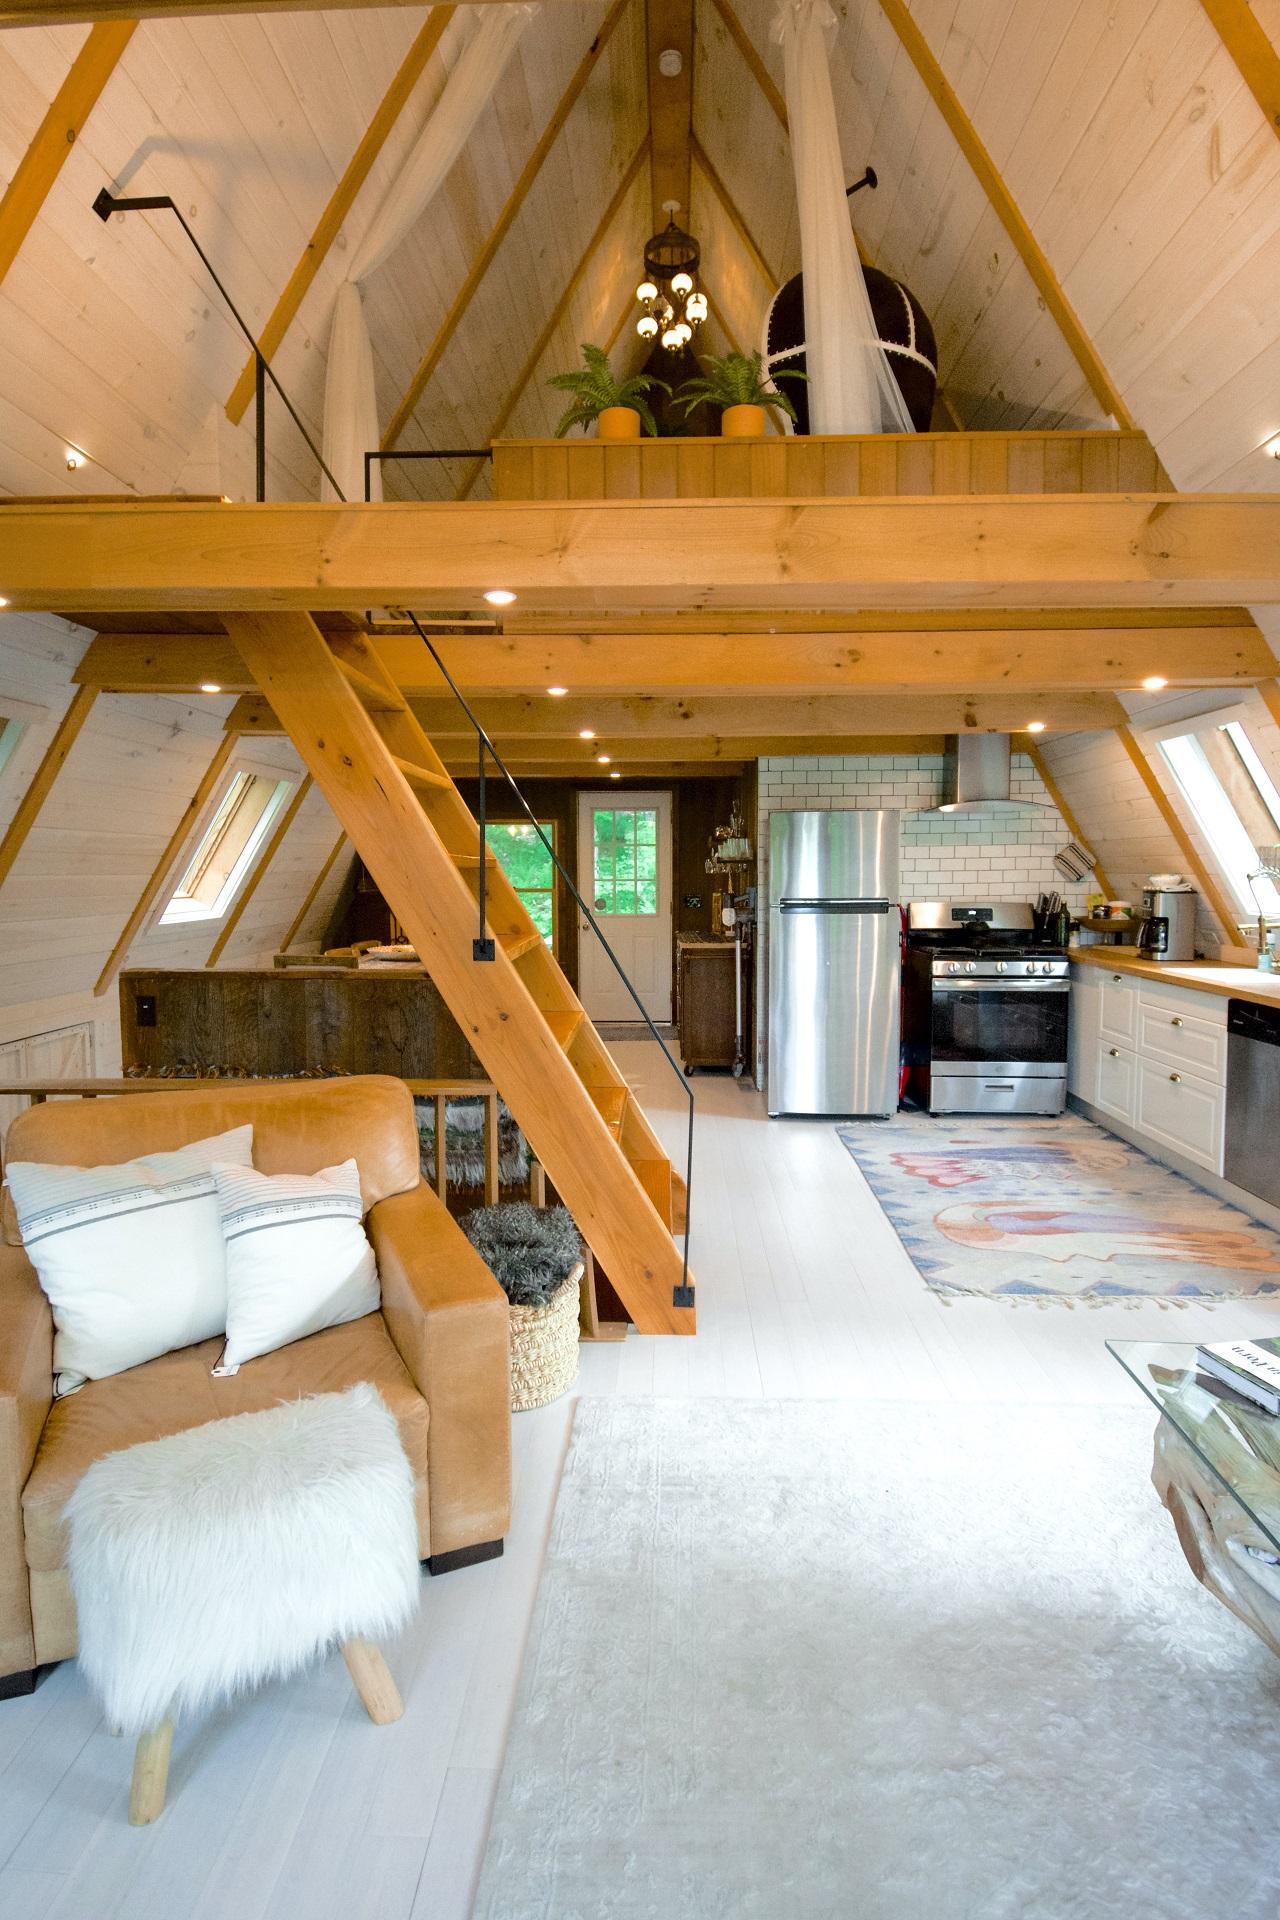 Interior of a Tiny Home